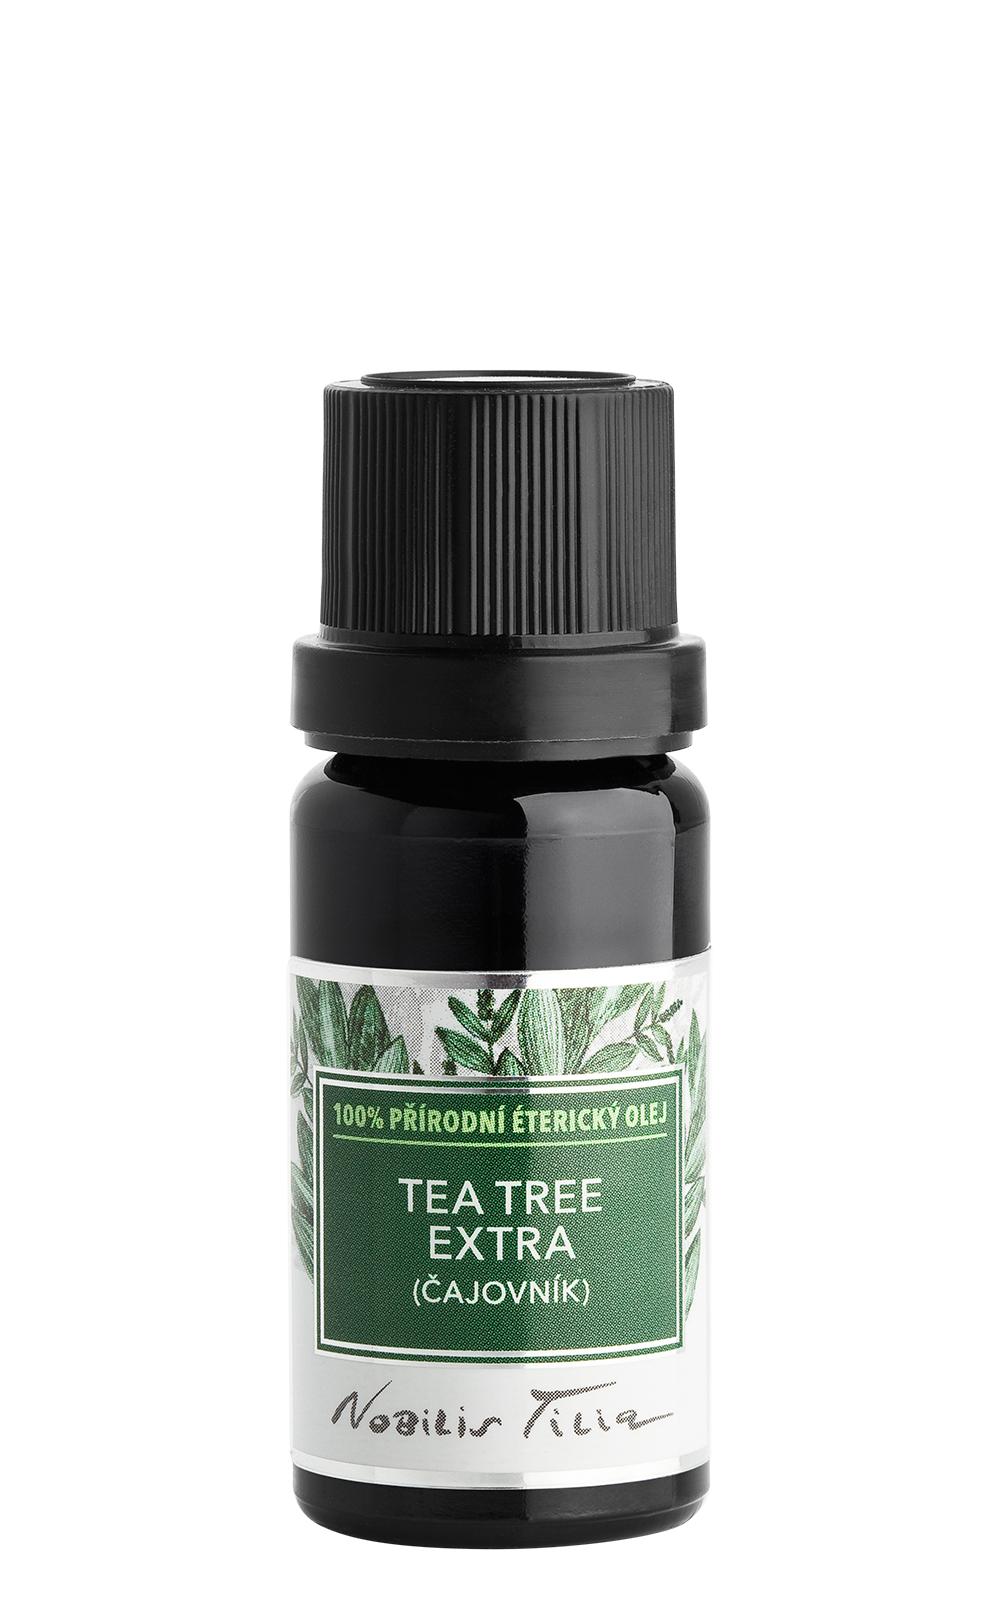 Nobilis Tilia Nobilis, Éterický olej Tea tree extra (čajovník) 10 ml